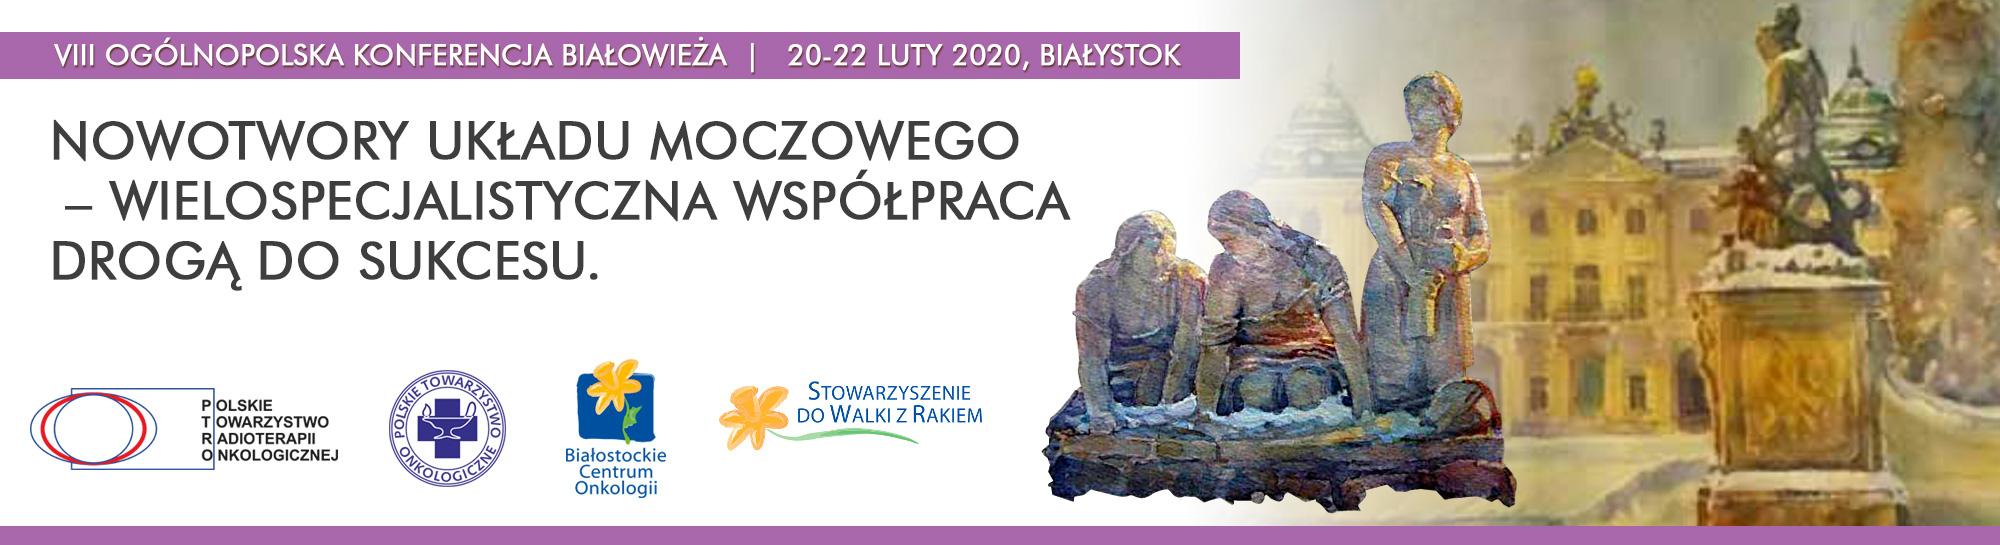 Konferencja - Nowotwory układu moczowego | 2020 Białystok